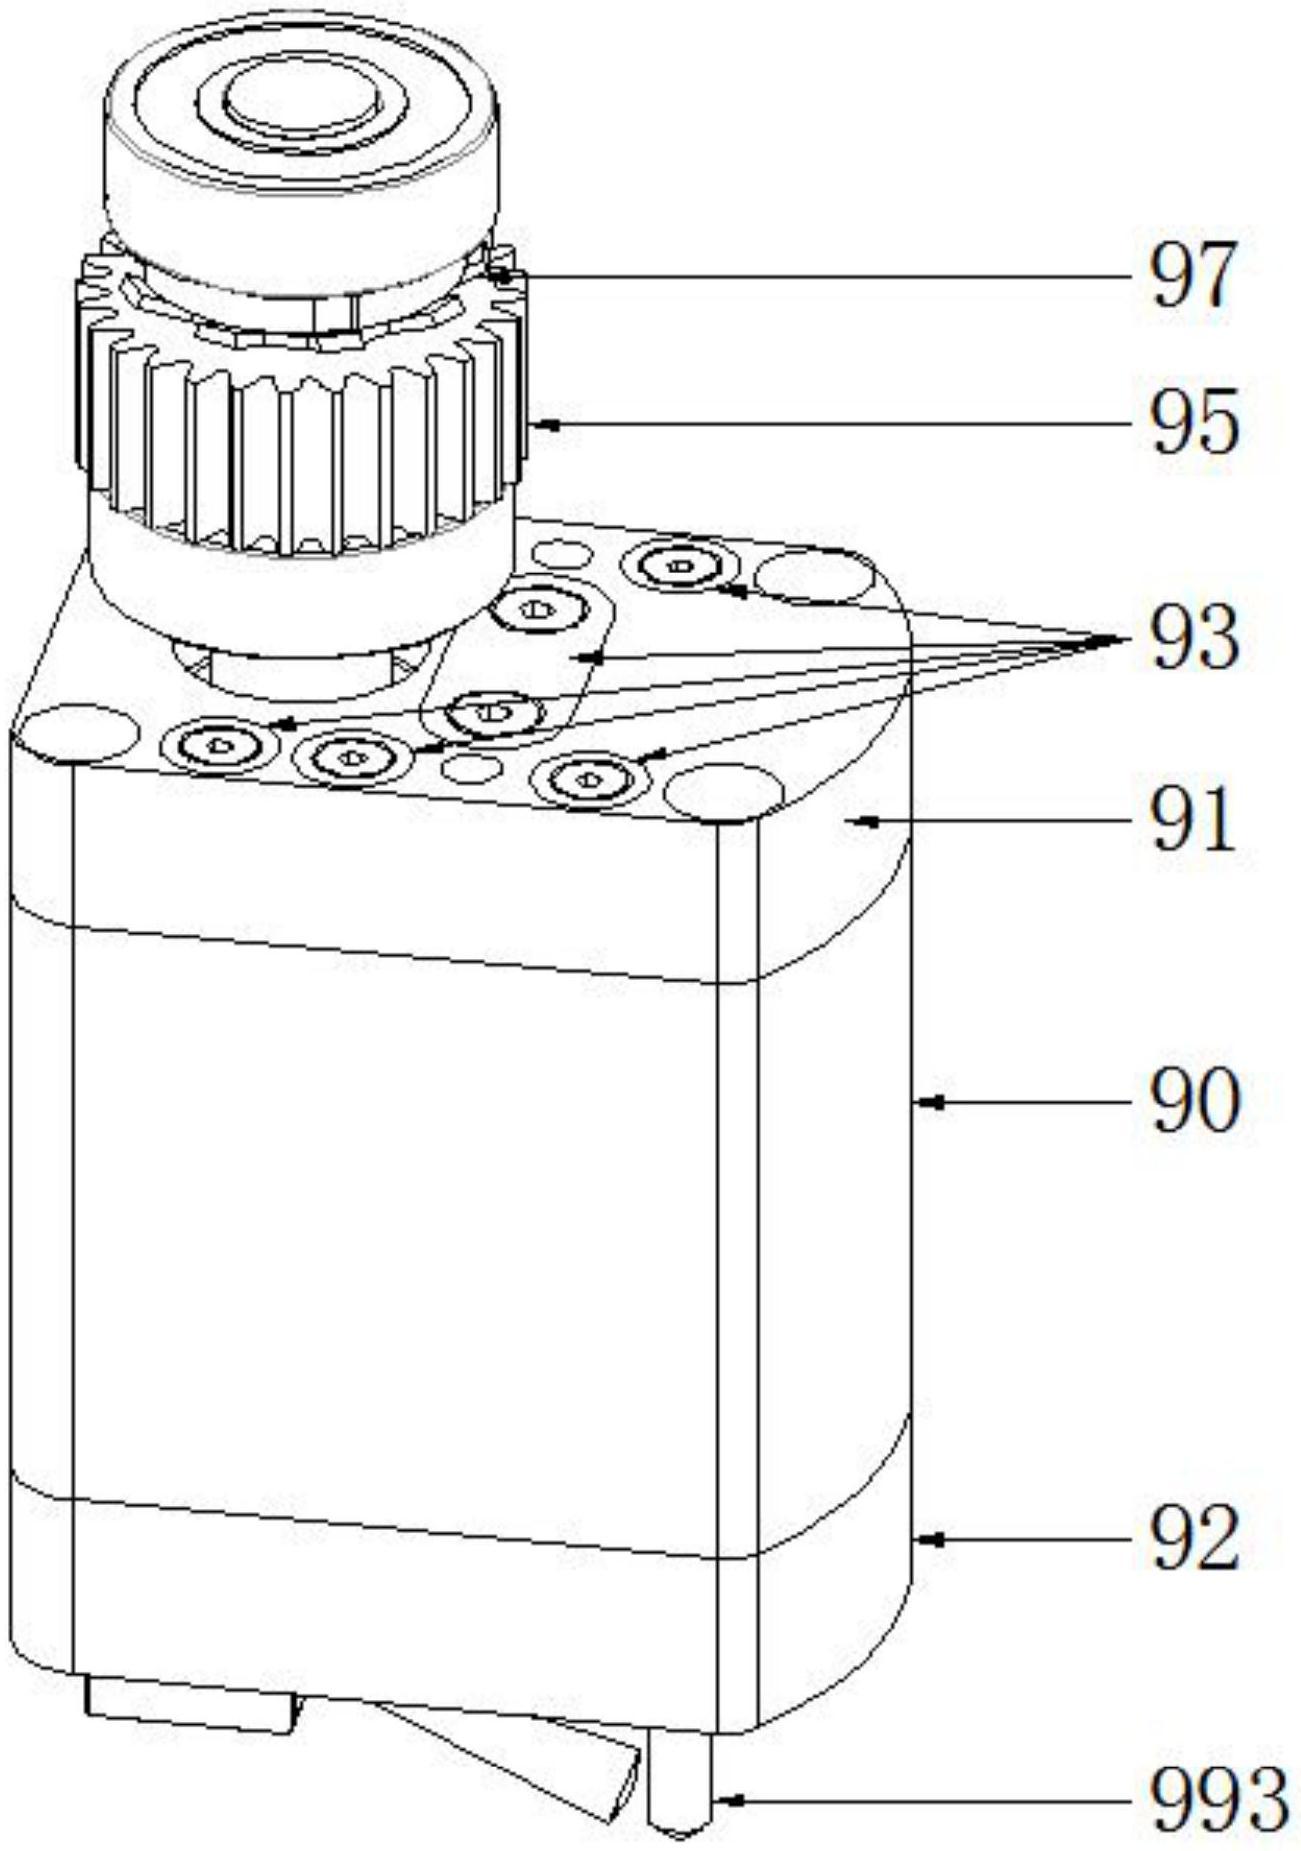 一种磁吸固定的无行程模内攻牙机.png